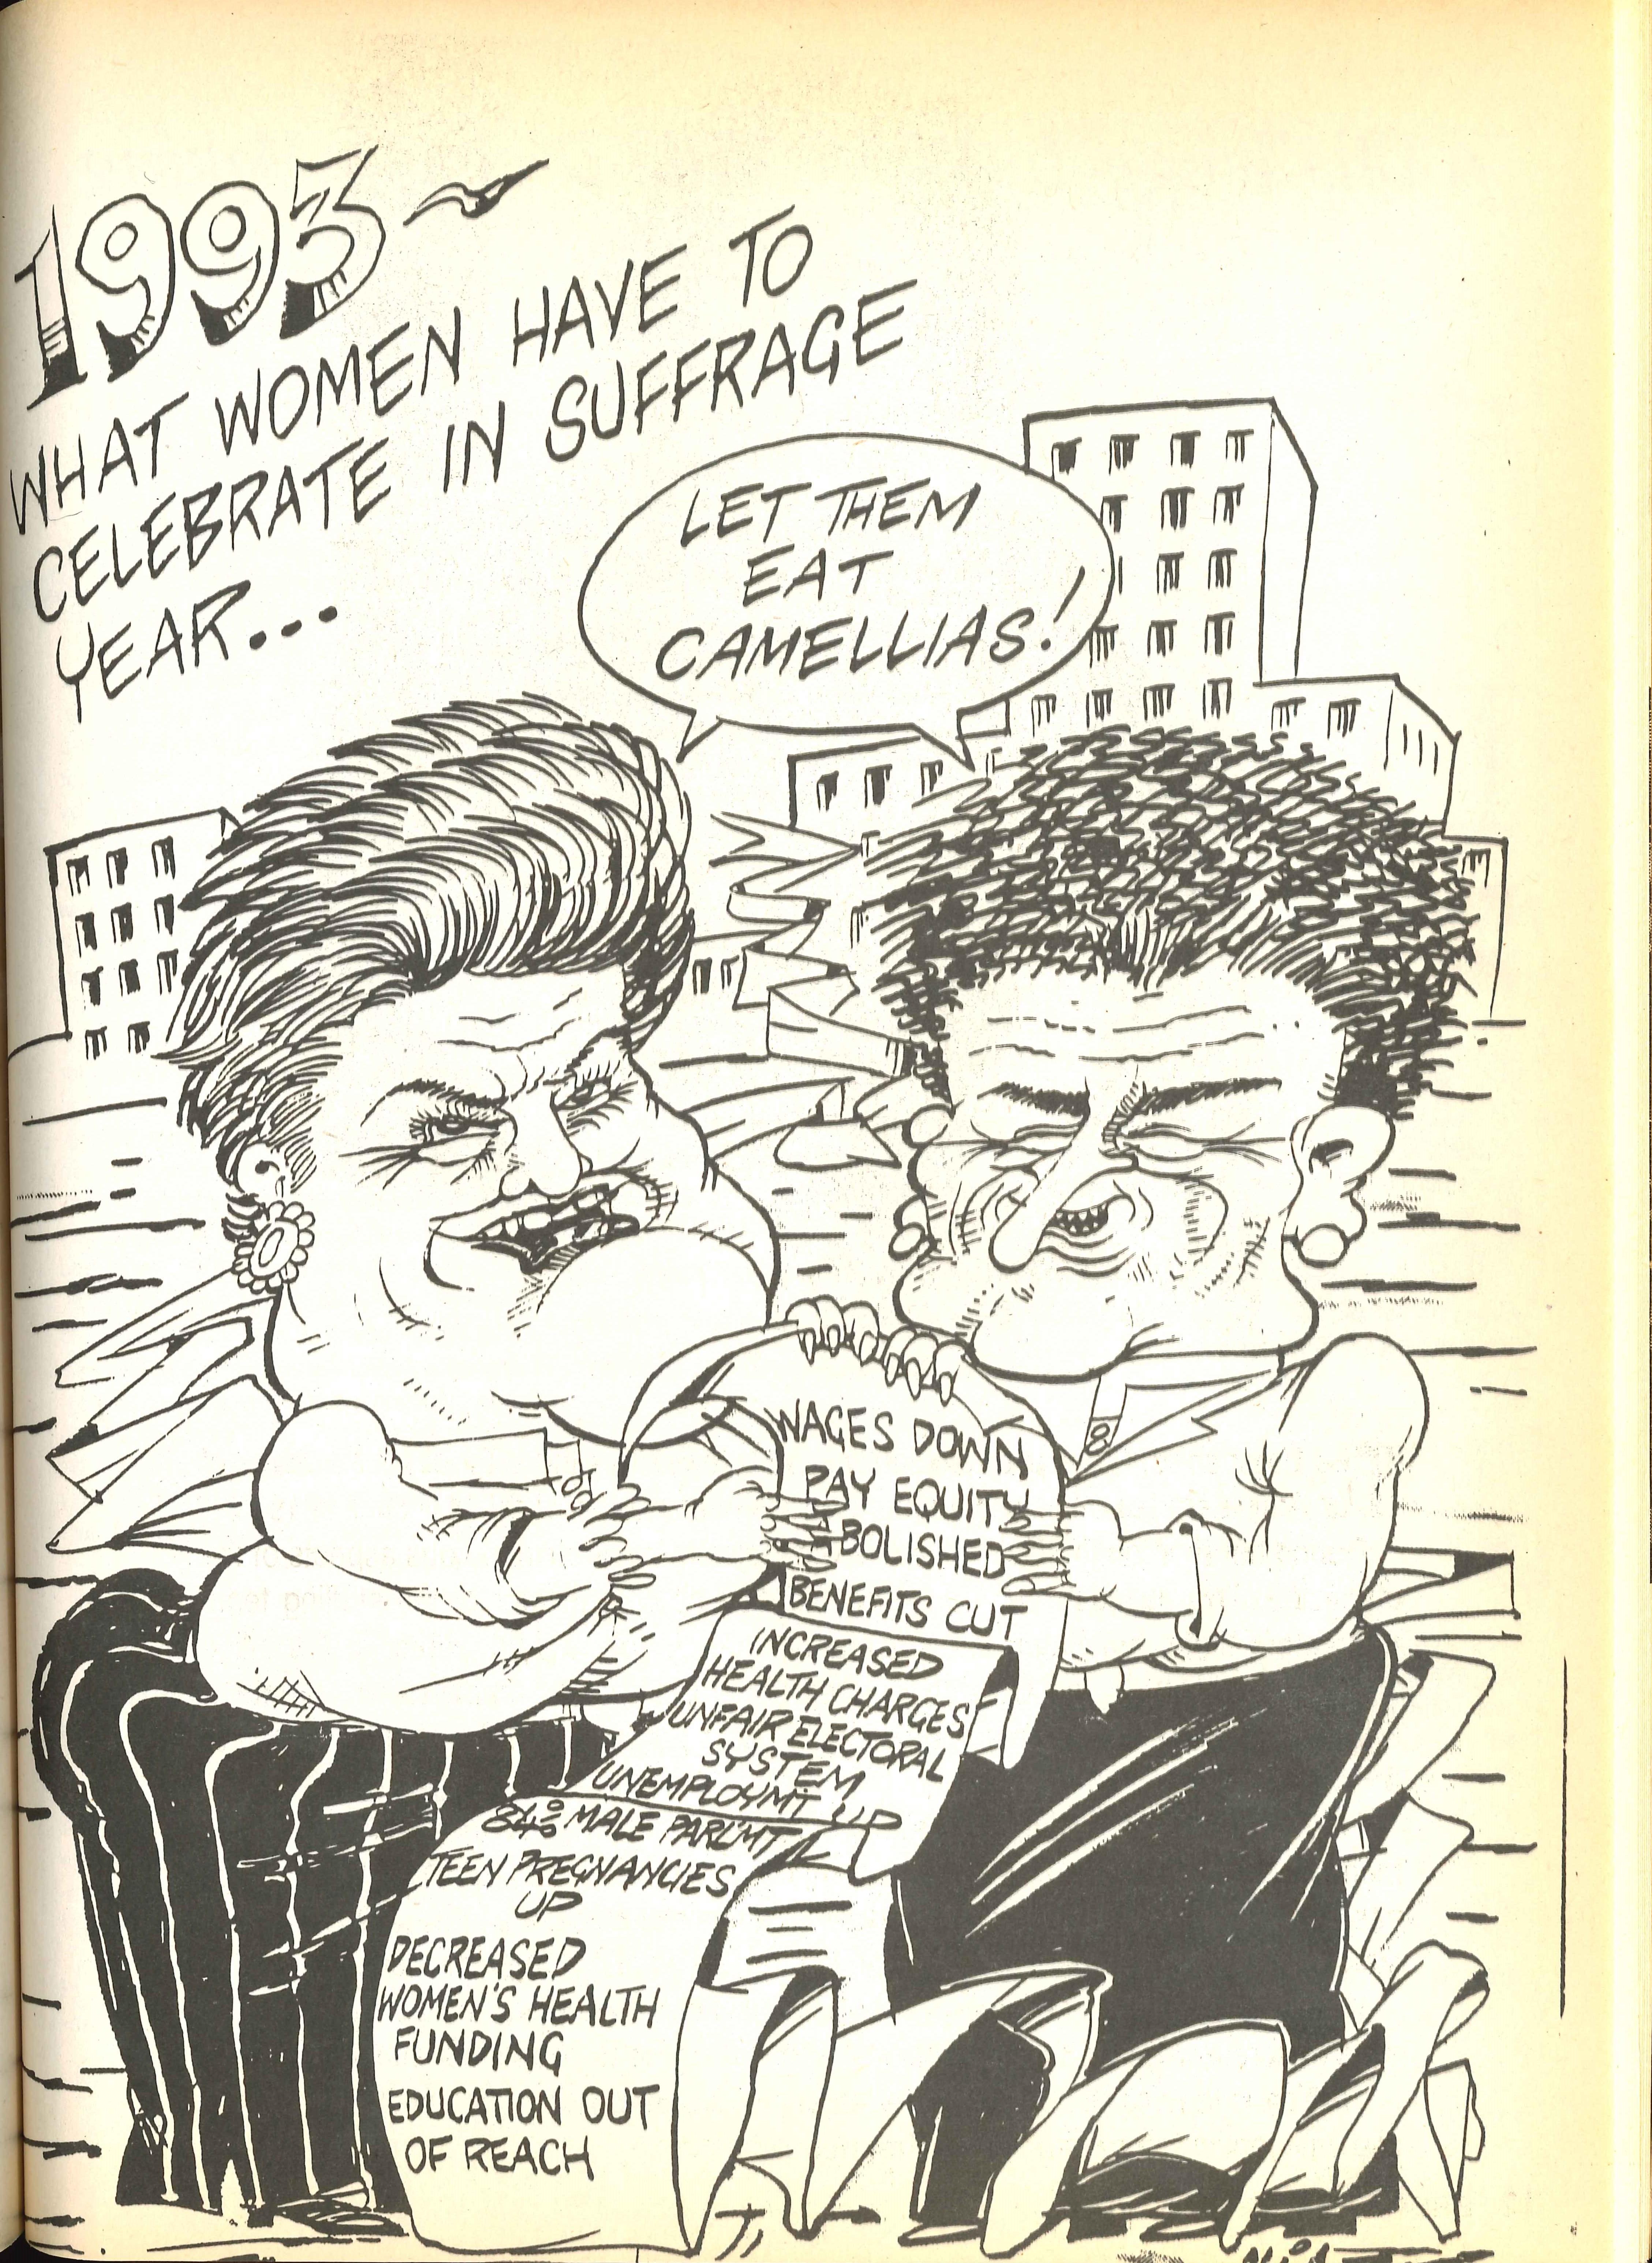 Broadsheet. Auckland: Auckland Women's Liberation, Summer 1993.